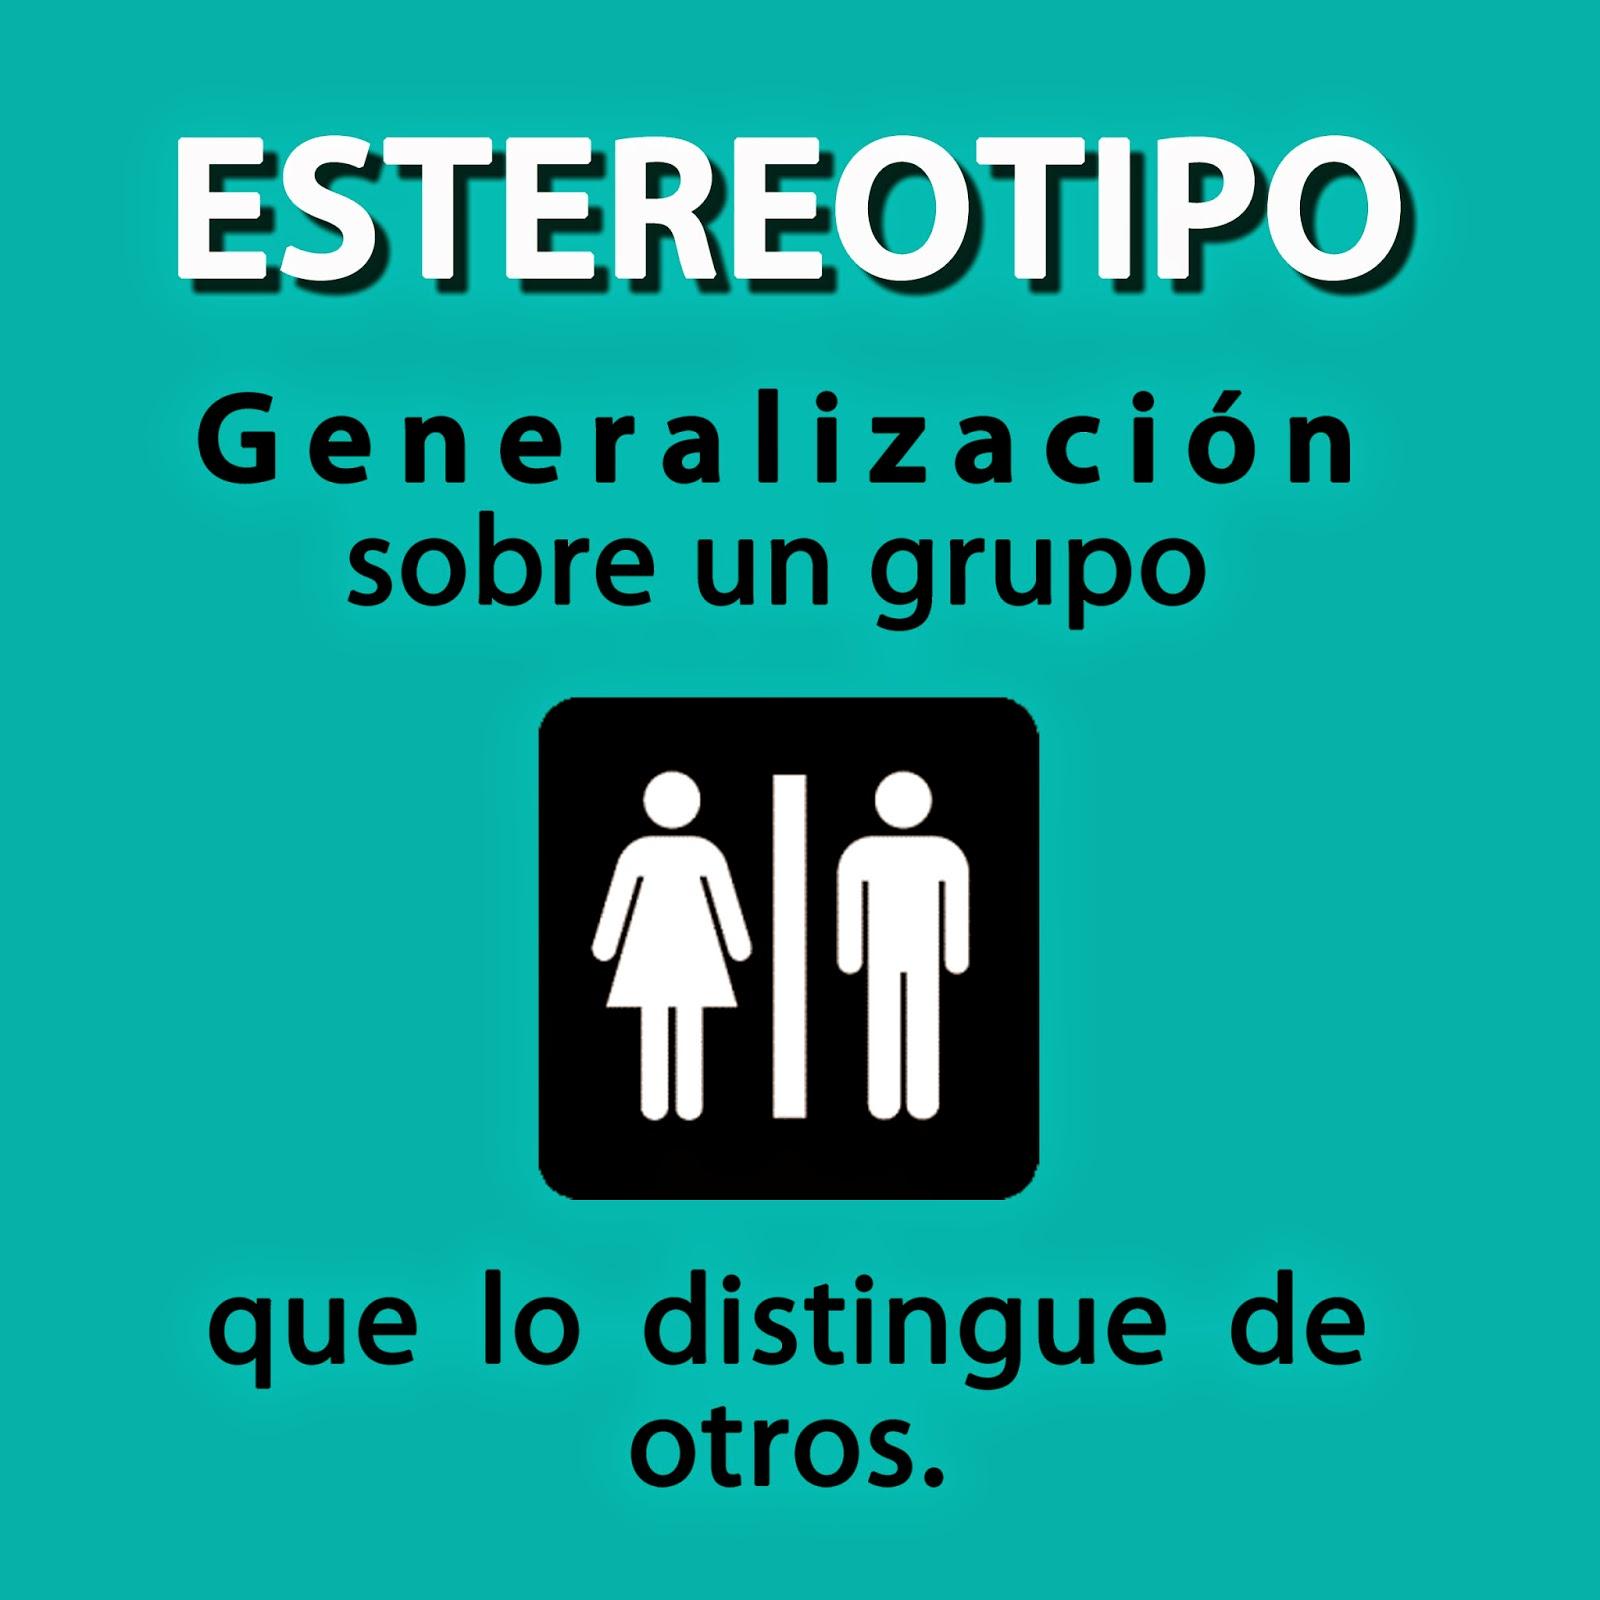 definicion de prostitucion estereotipos mujer